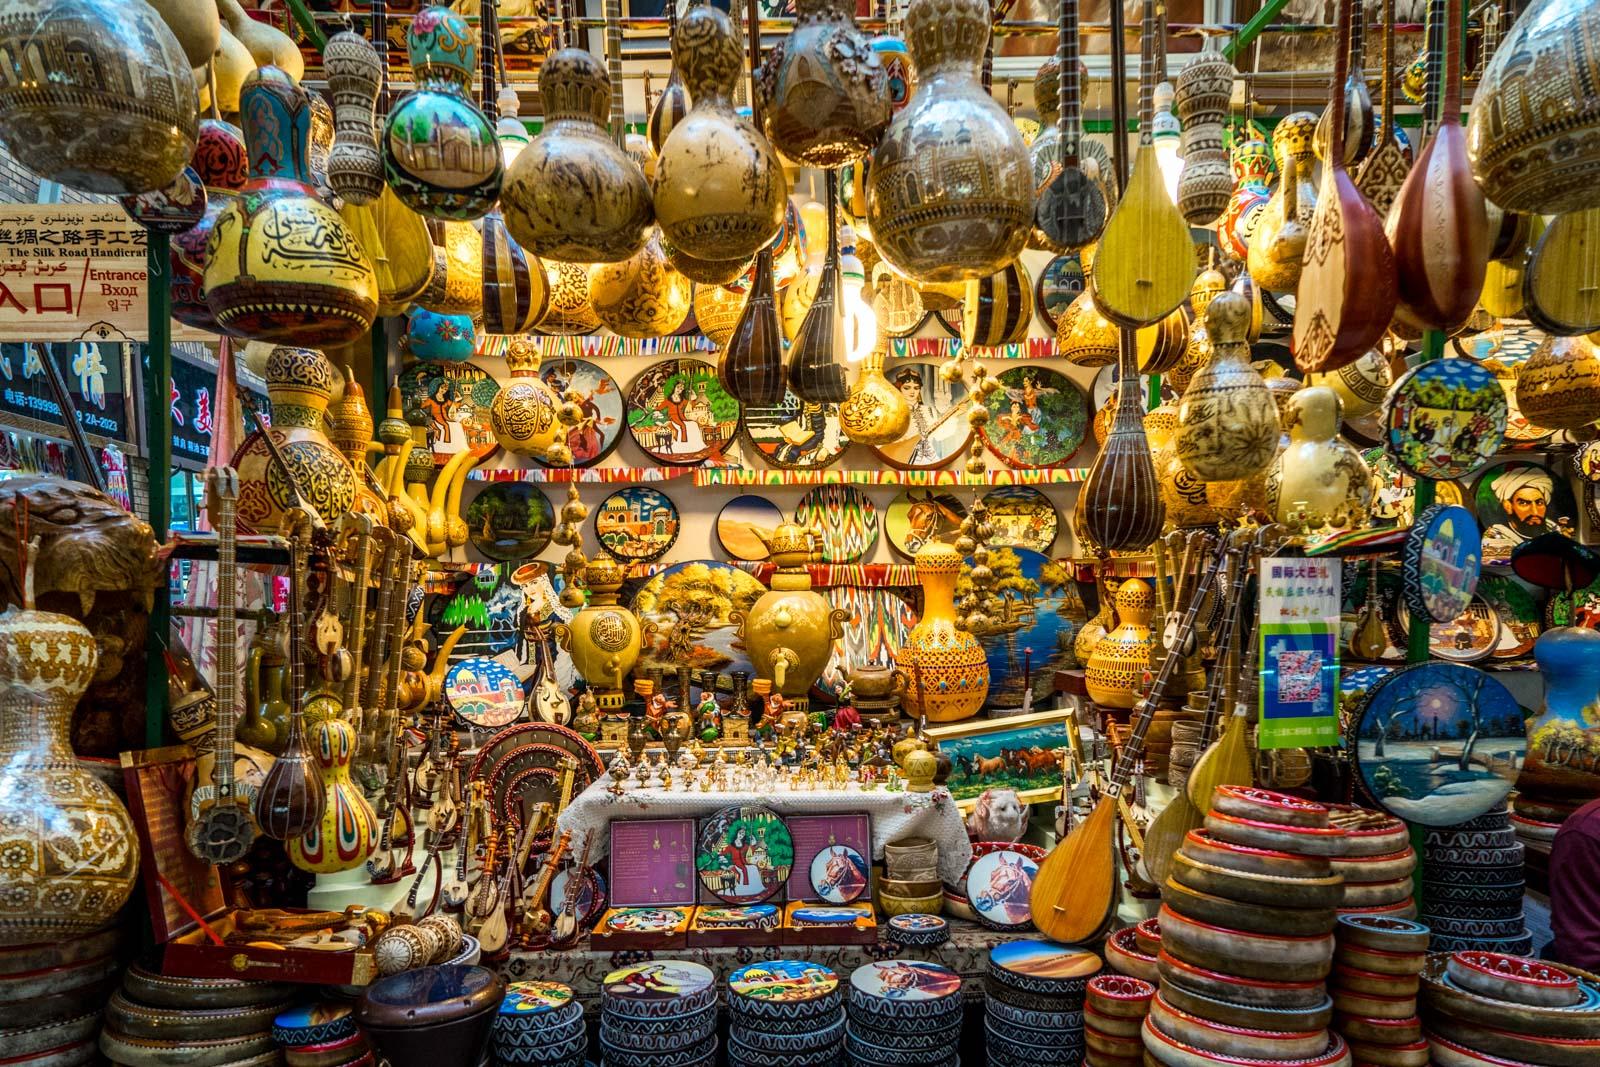 Colourfull market stall at Kashgar's bazaar